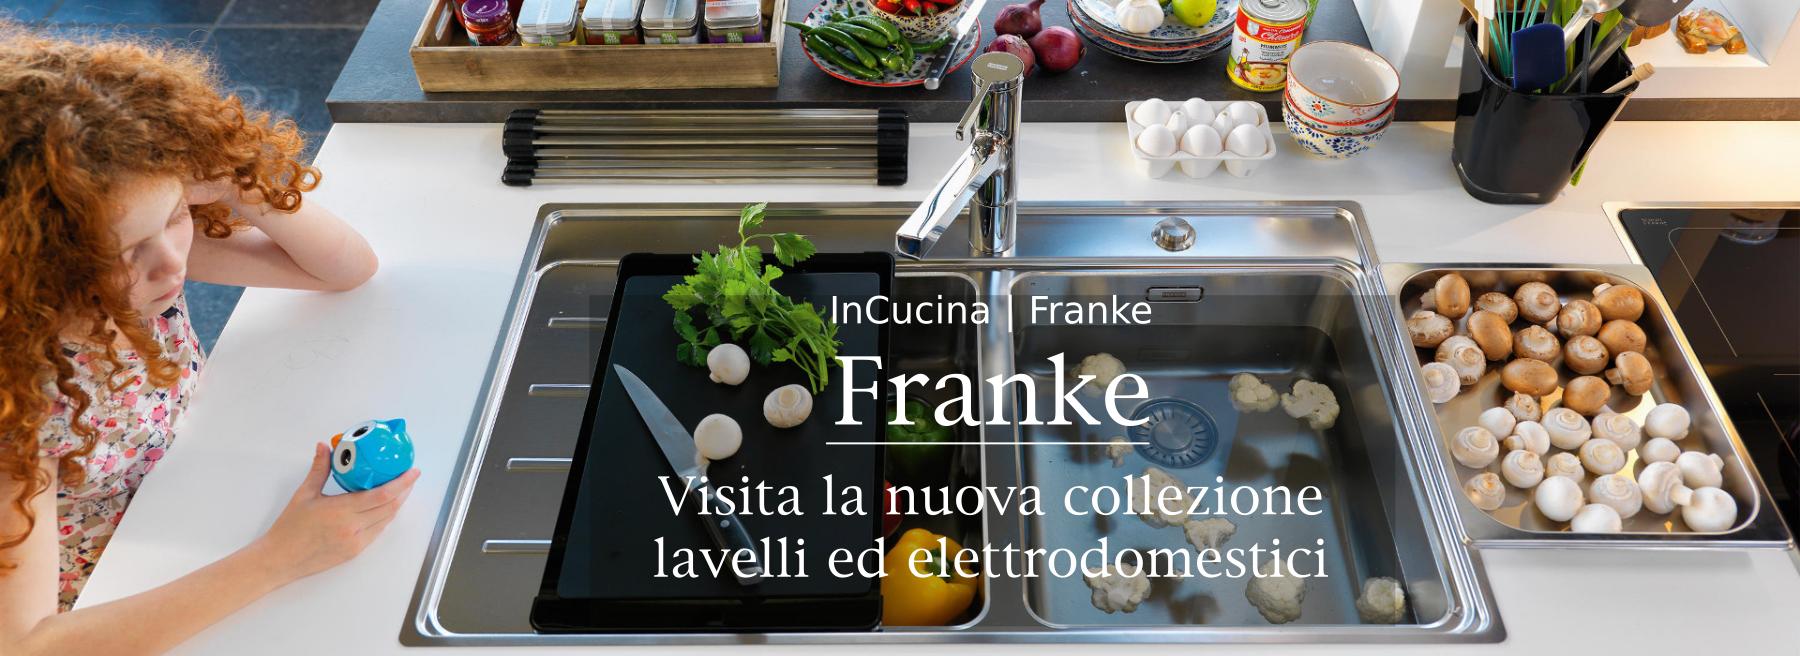 FRANKE_SLIDER_1920_700